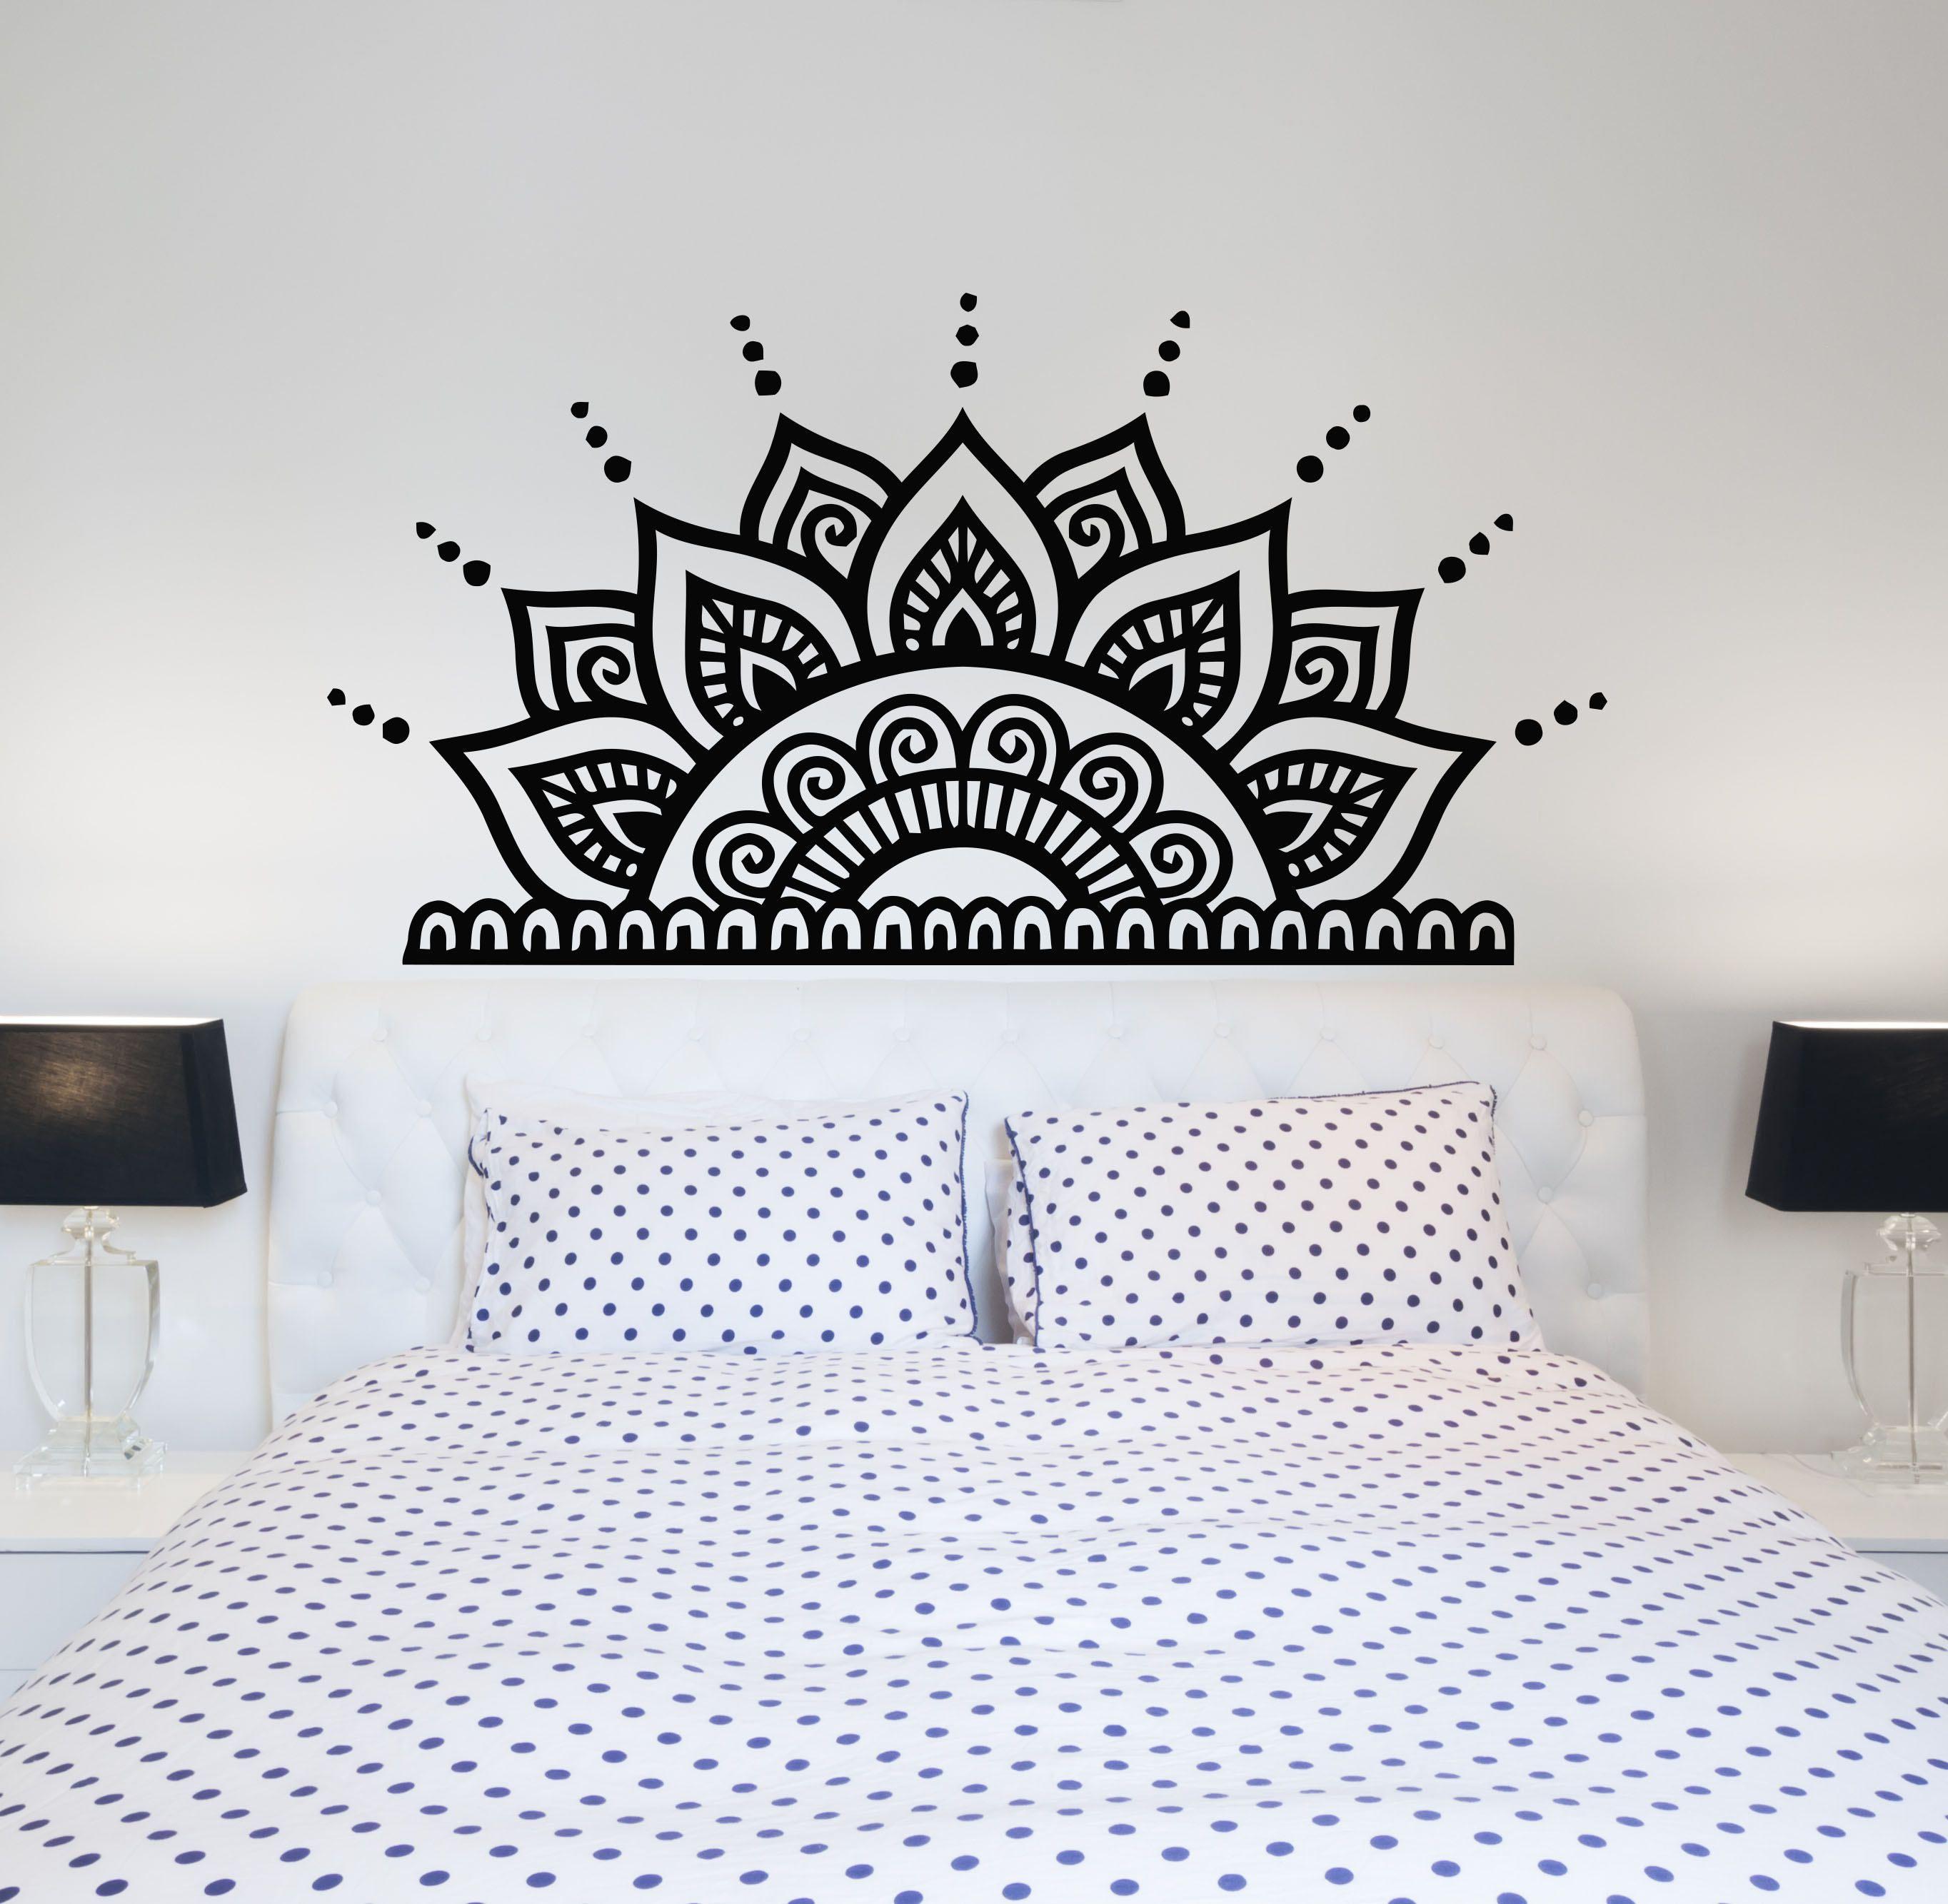 Headboard Wall Decals Bedroom Half Mandala Vinyl Sticker Etsy Wall Decals For Bedroom Bedroom Wall Paint Headboard Wall Decal